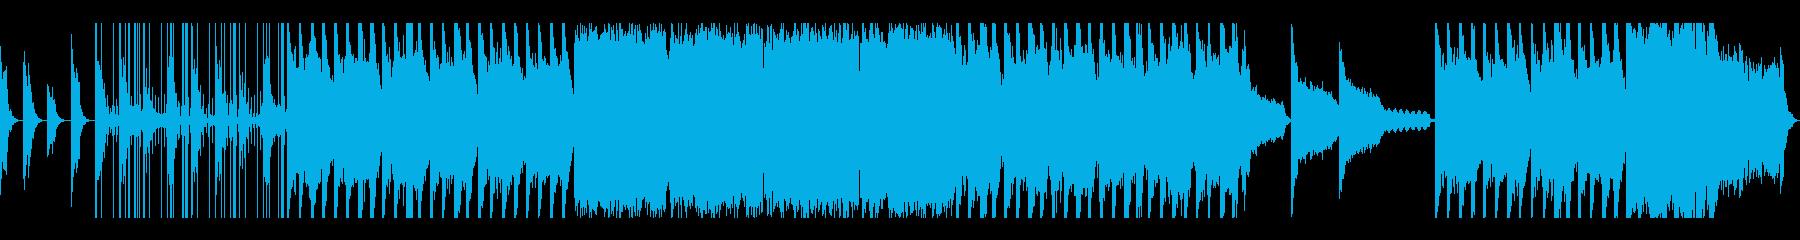 一瞬で過ぎゆく時をイメージしたMバラードの再生済みの波形